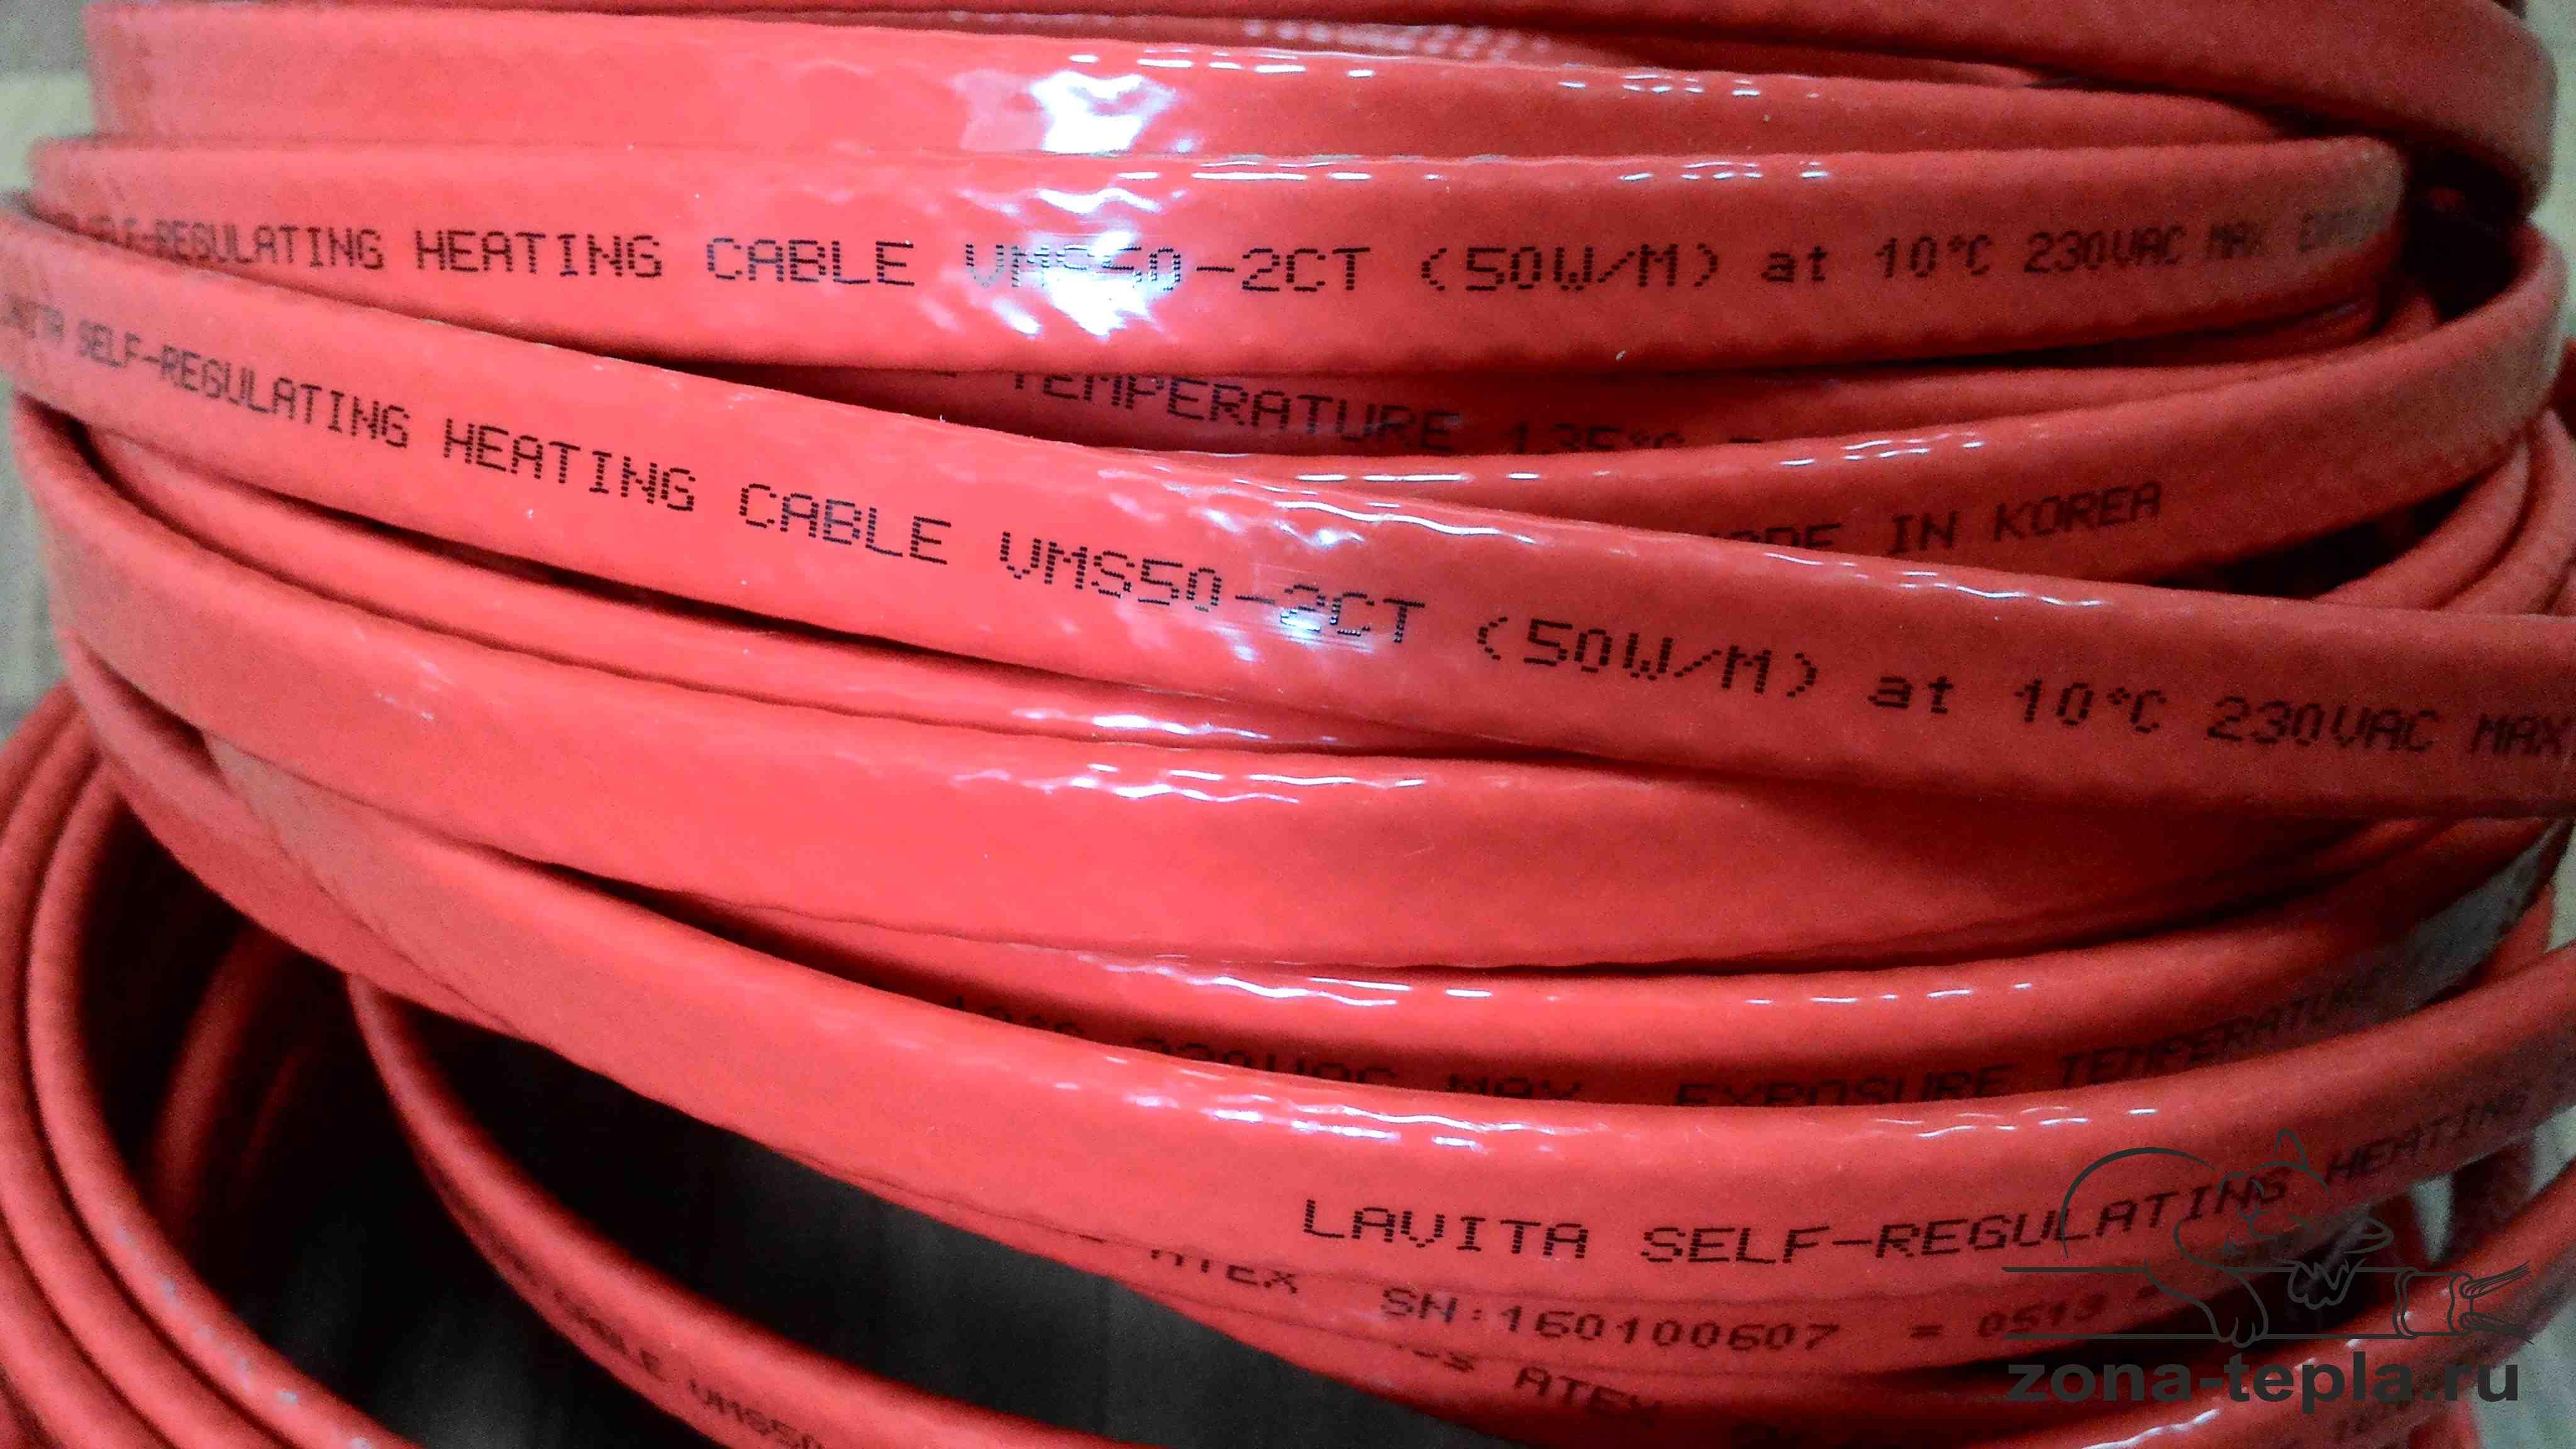 promyshlennyi-greiushchii-kabel-vms50-2ct5